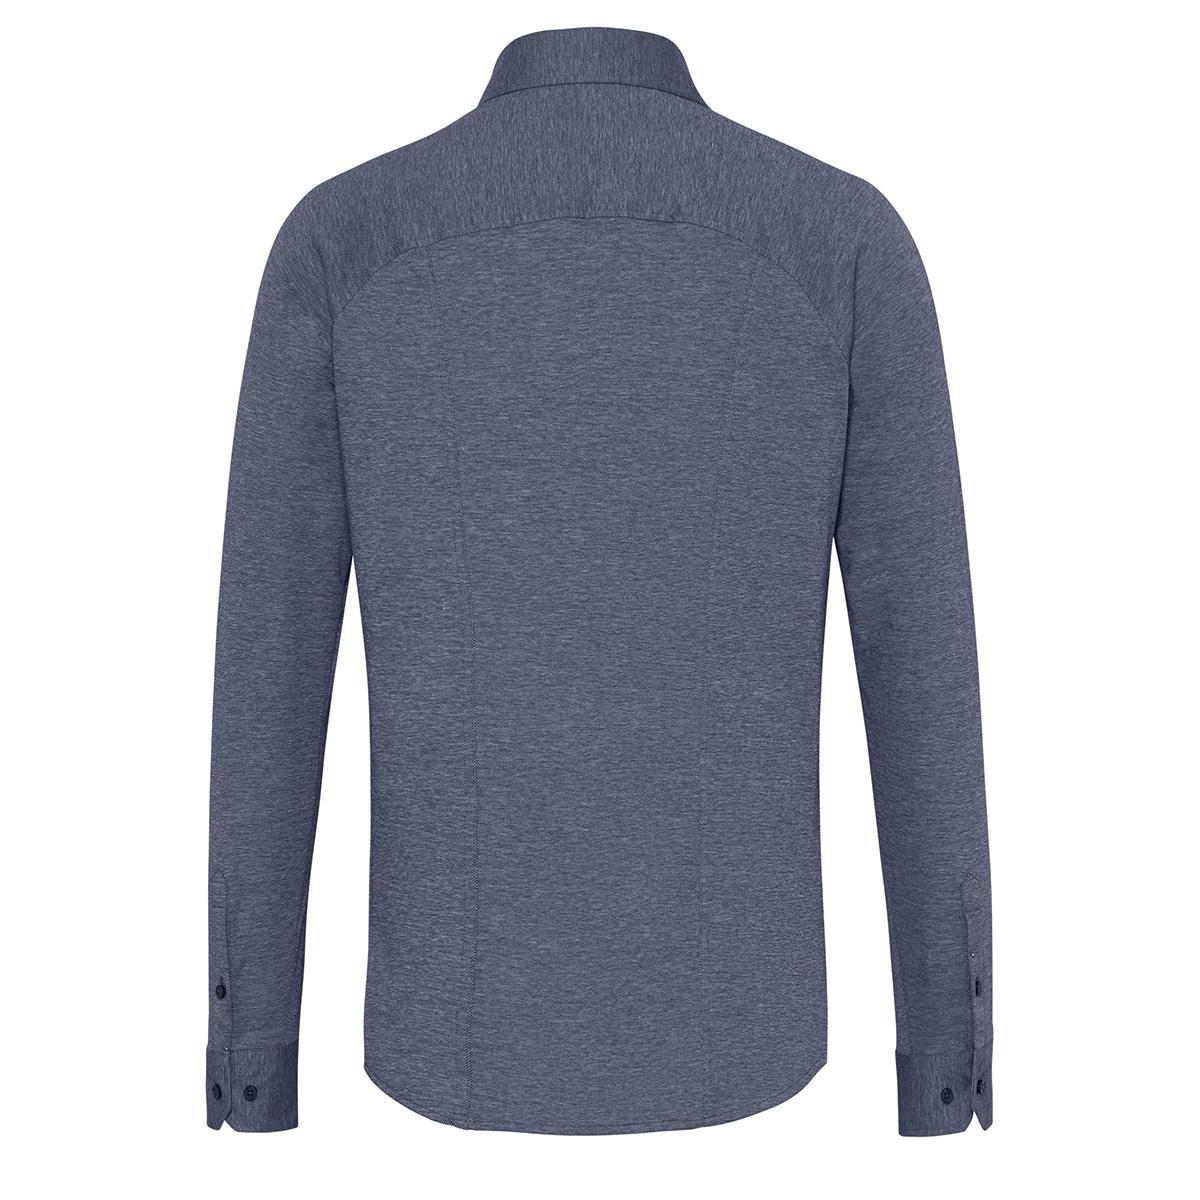 new hai 97007 3 desoto overhemd 501 blue piquee